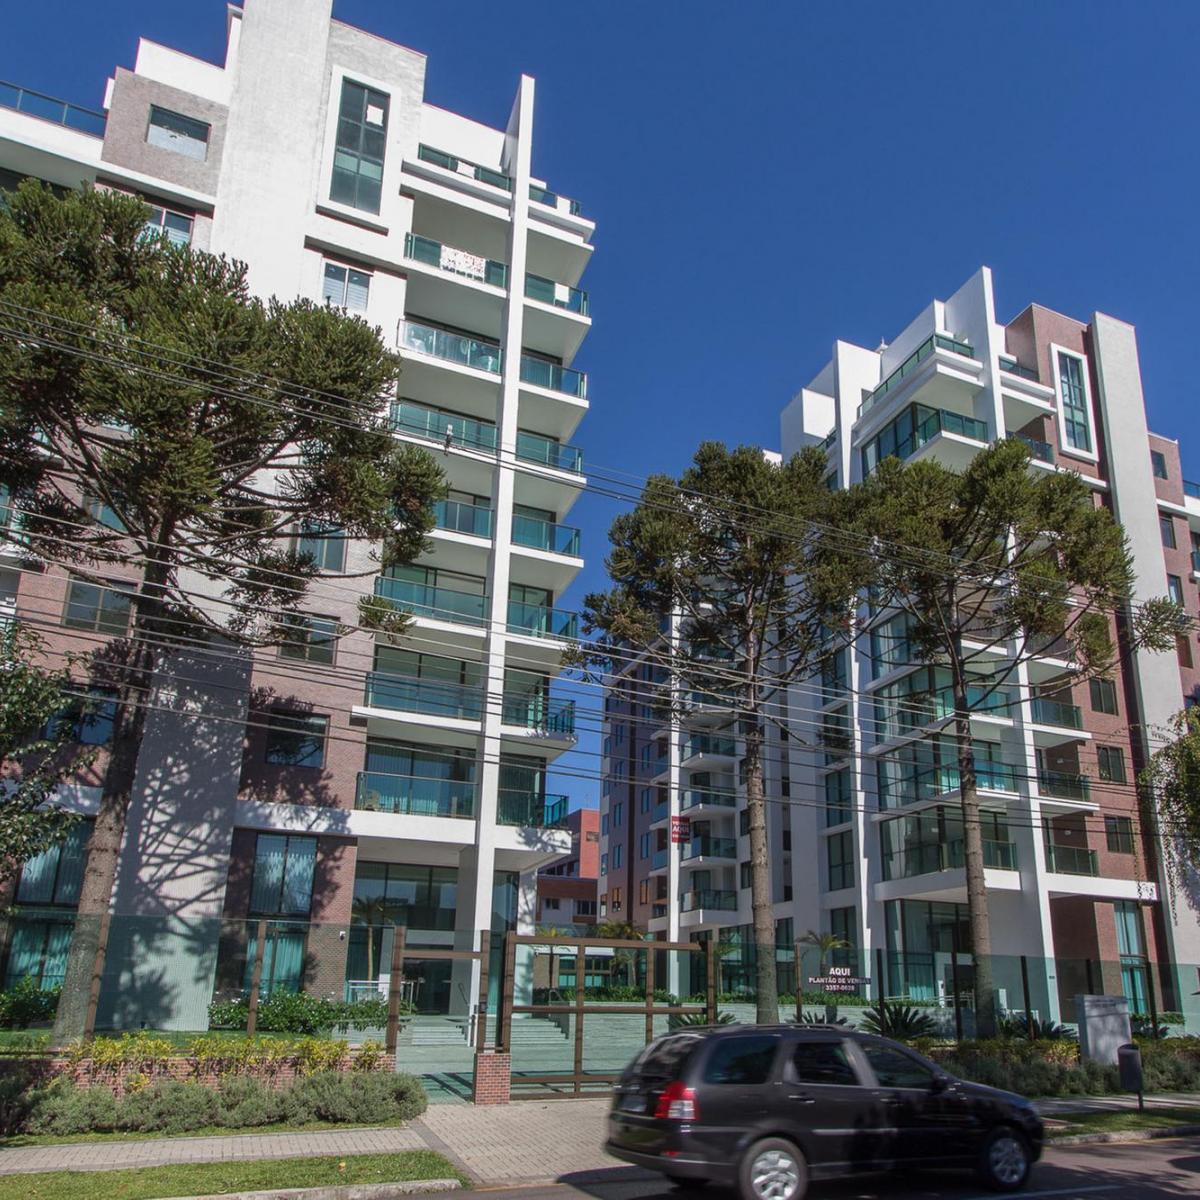 http://www.infocenterhost2.com.br/crm/fotosimovel/170727/12860719-apartamento-curitiba-alto-da-xv.jpg